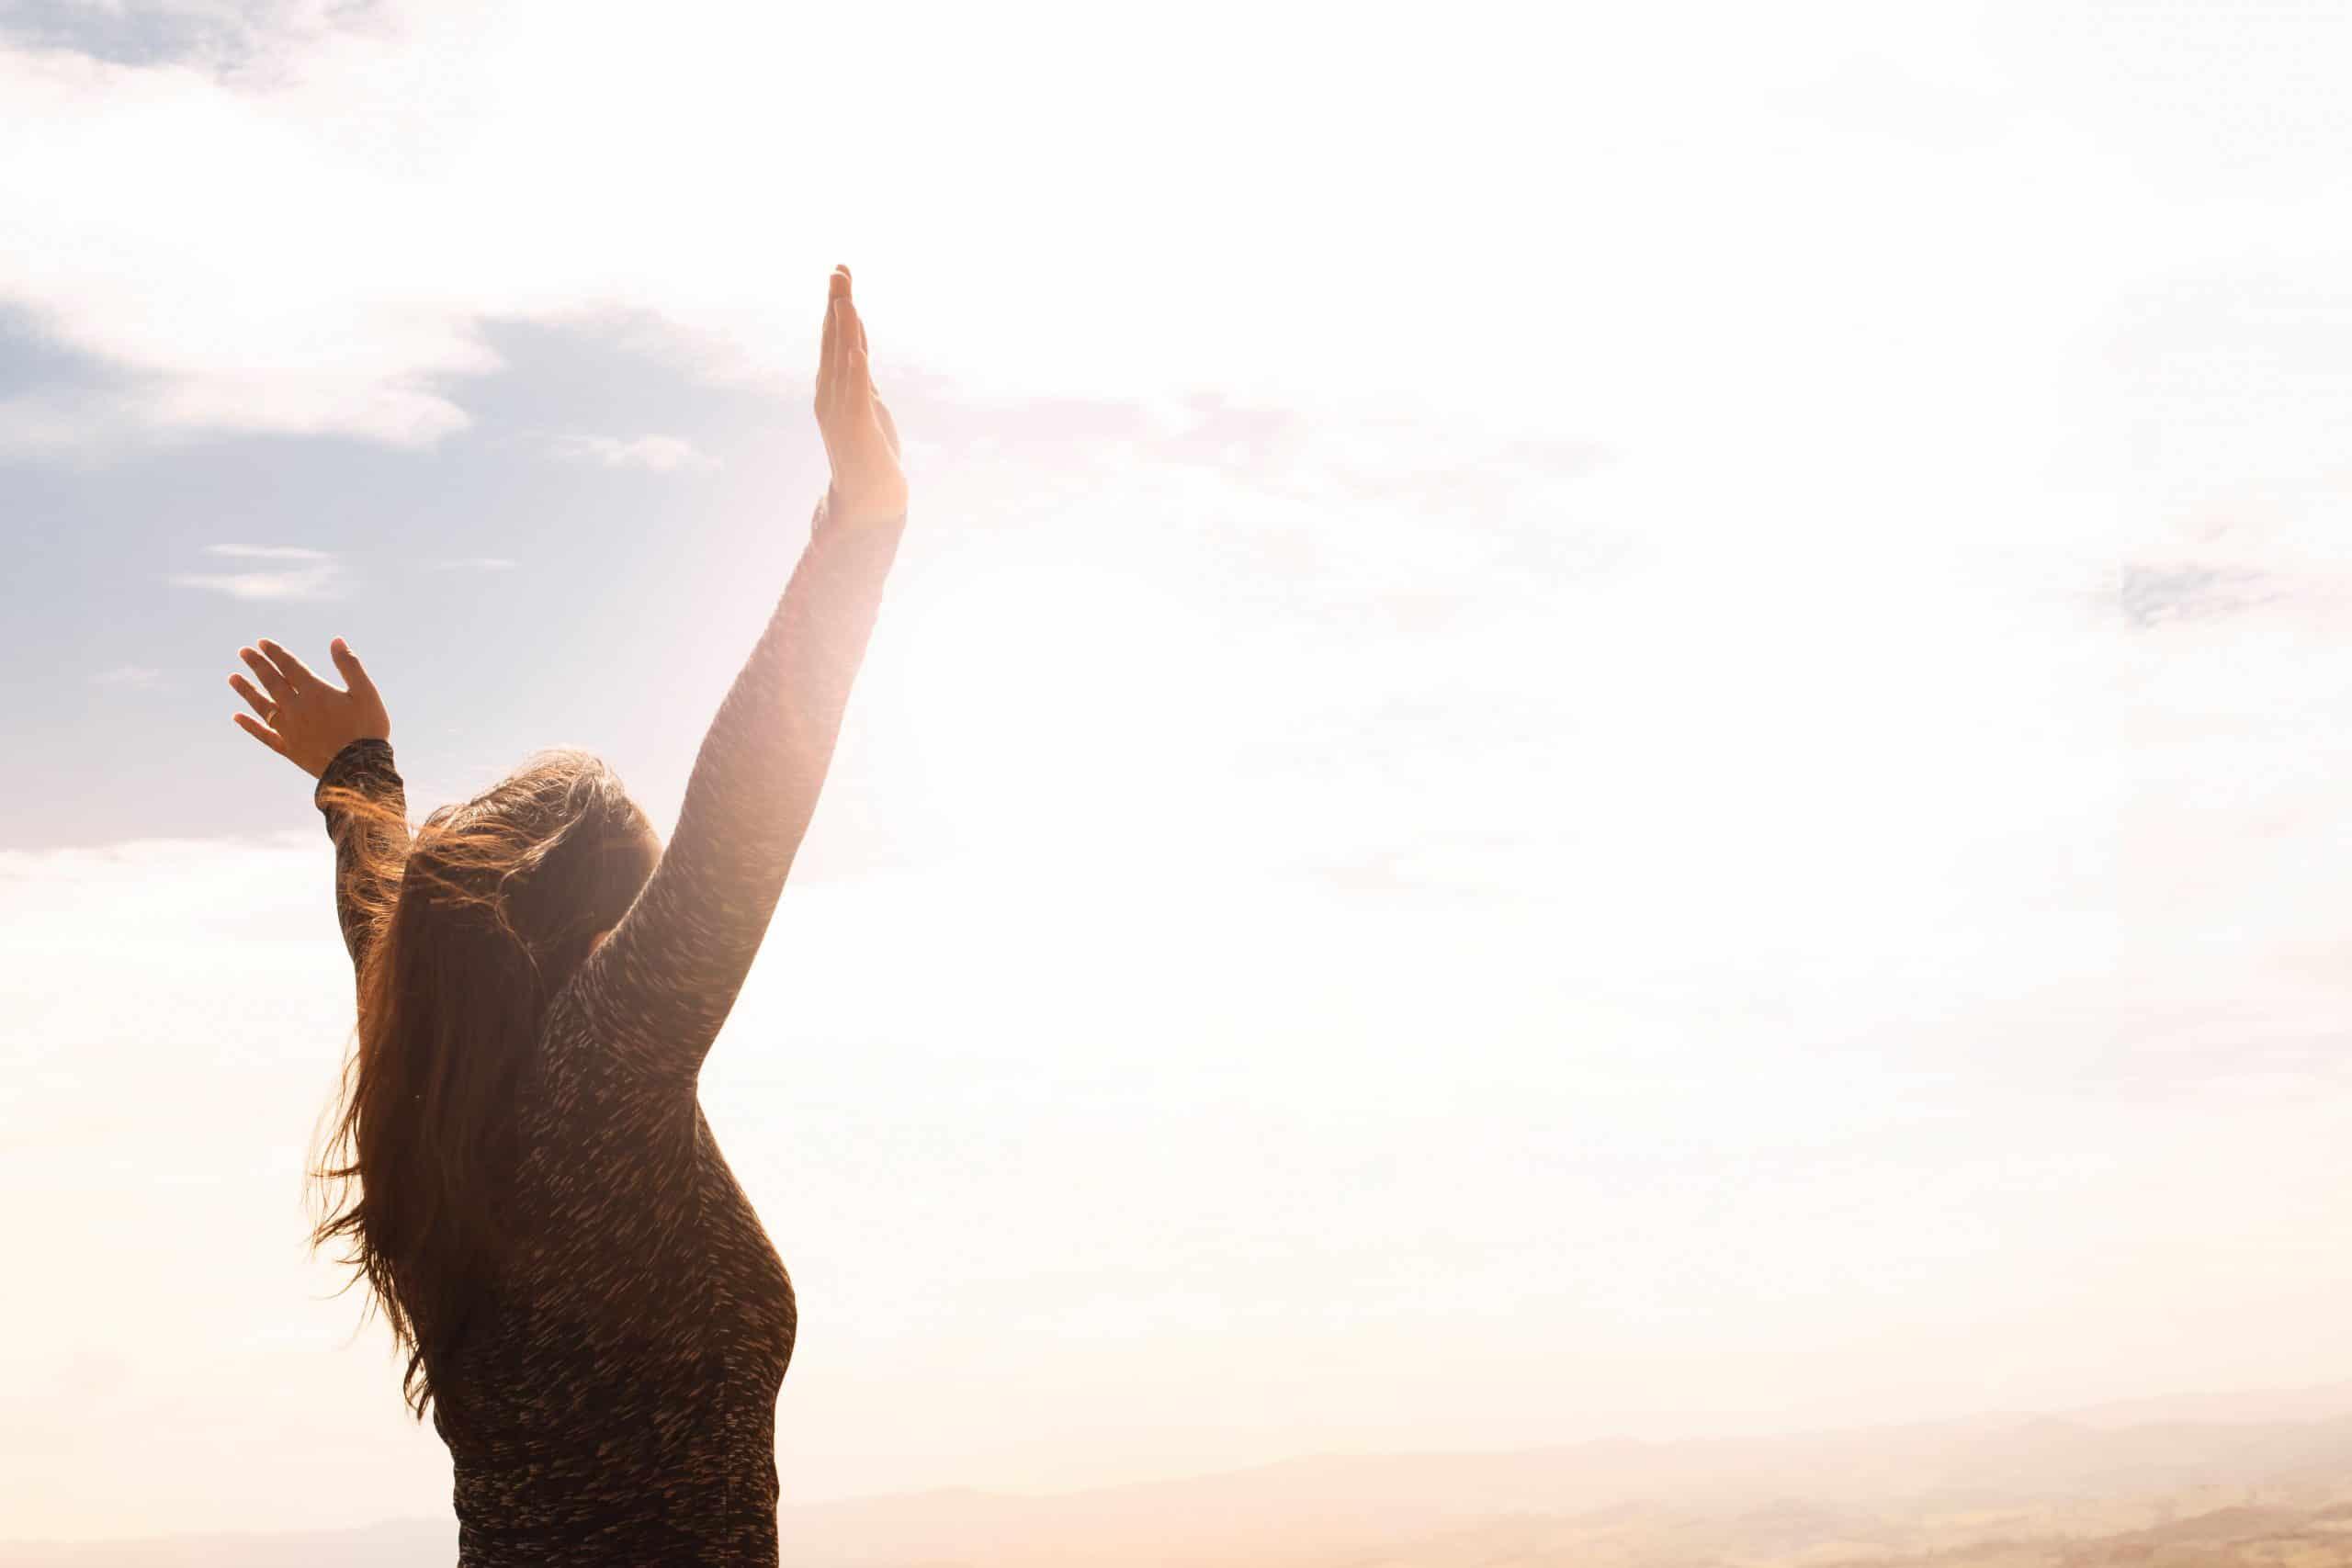 Mulher de lado com braços abertos e céu iluminado pelo sol de fundo